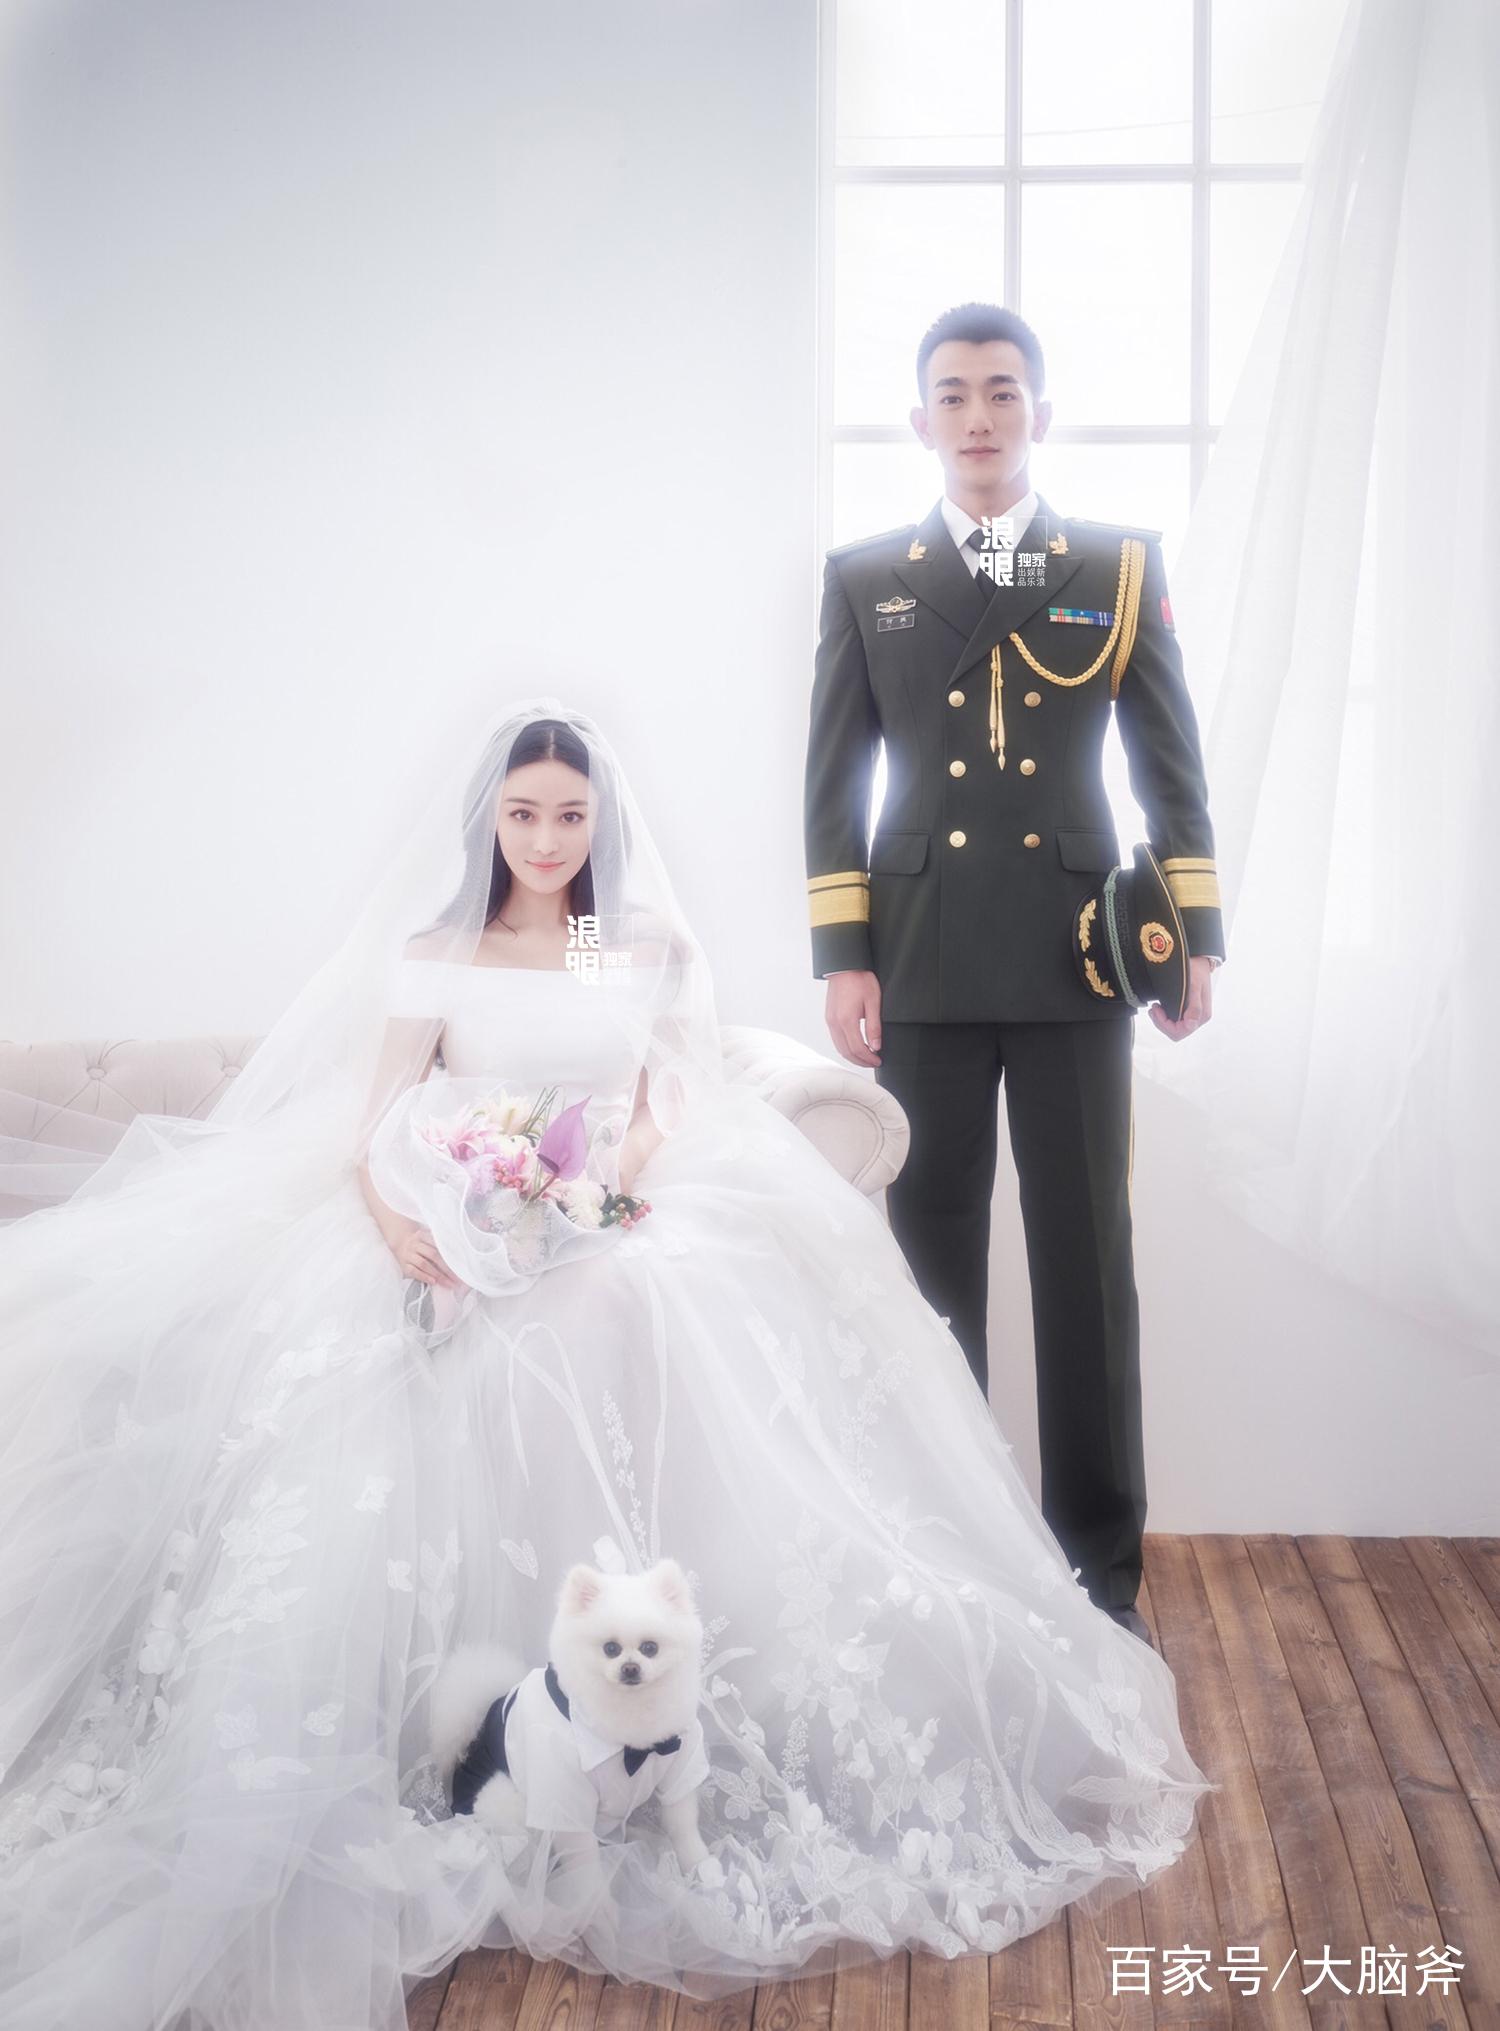 张馨予纯白拖地婚纱梦幻唯美,与帅气老公亲密贴脸